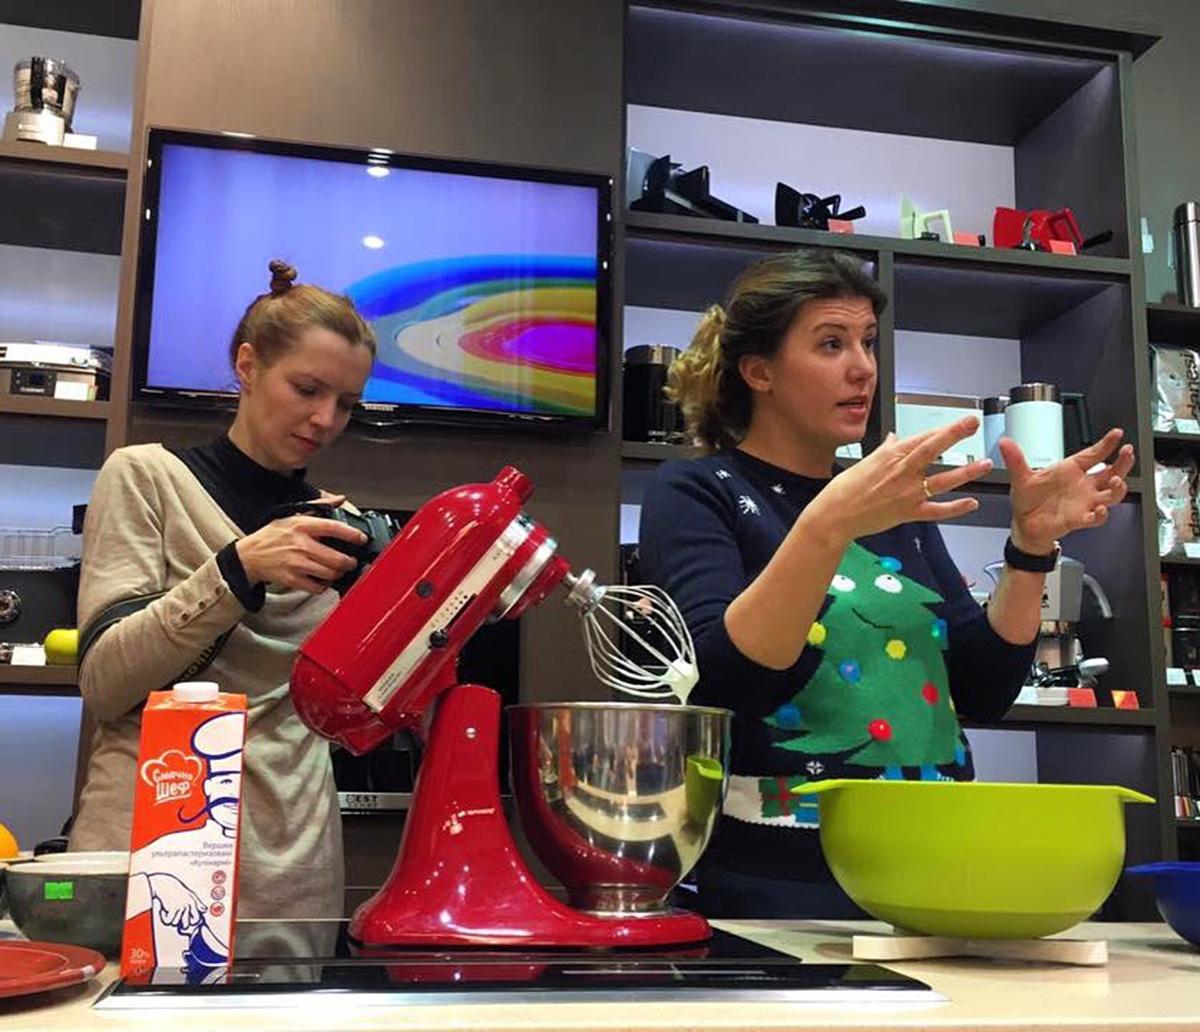 Рождественский торт Pavlova Christmas Wreath. Кулинарные мастер-классы в Одессе от кулинарного блогера Марии Каленской для сети магазинов Promenu.